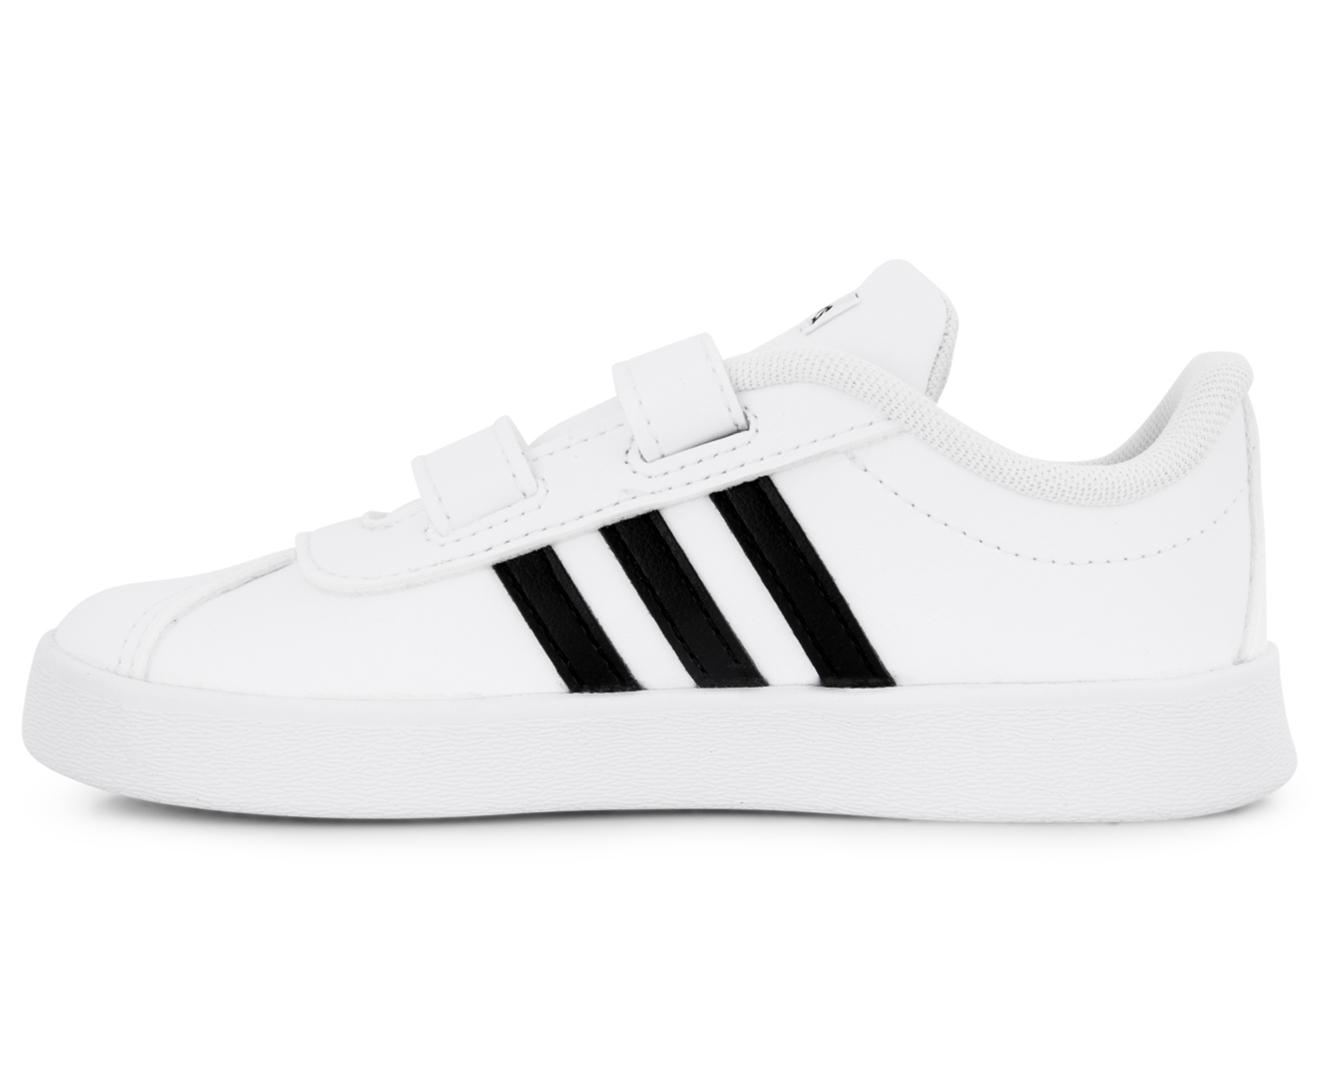 best service 599ec 48a92 Adidas Toddler VL Court 2.0 CMF I Shoe - Flat WhiteCore Black   Mumgo.com.au